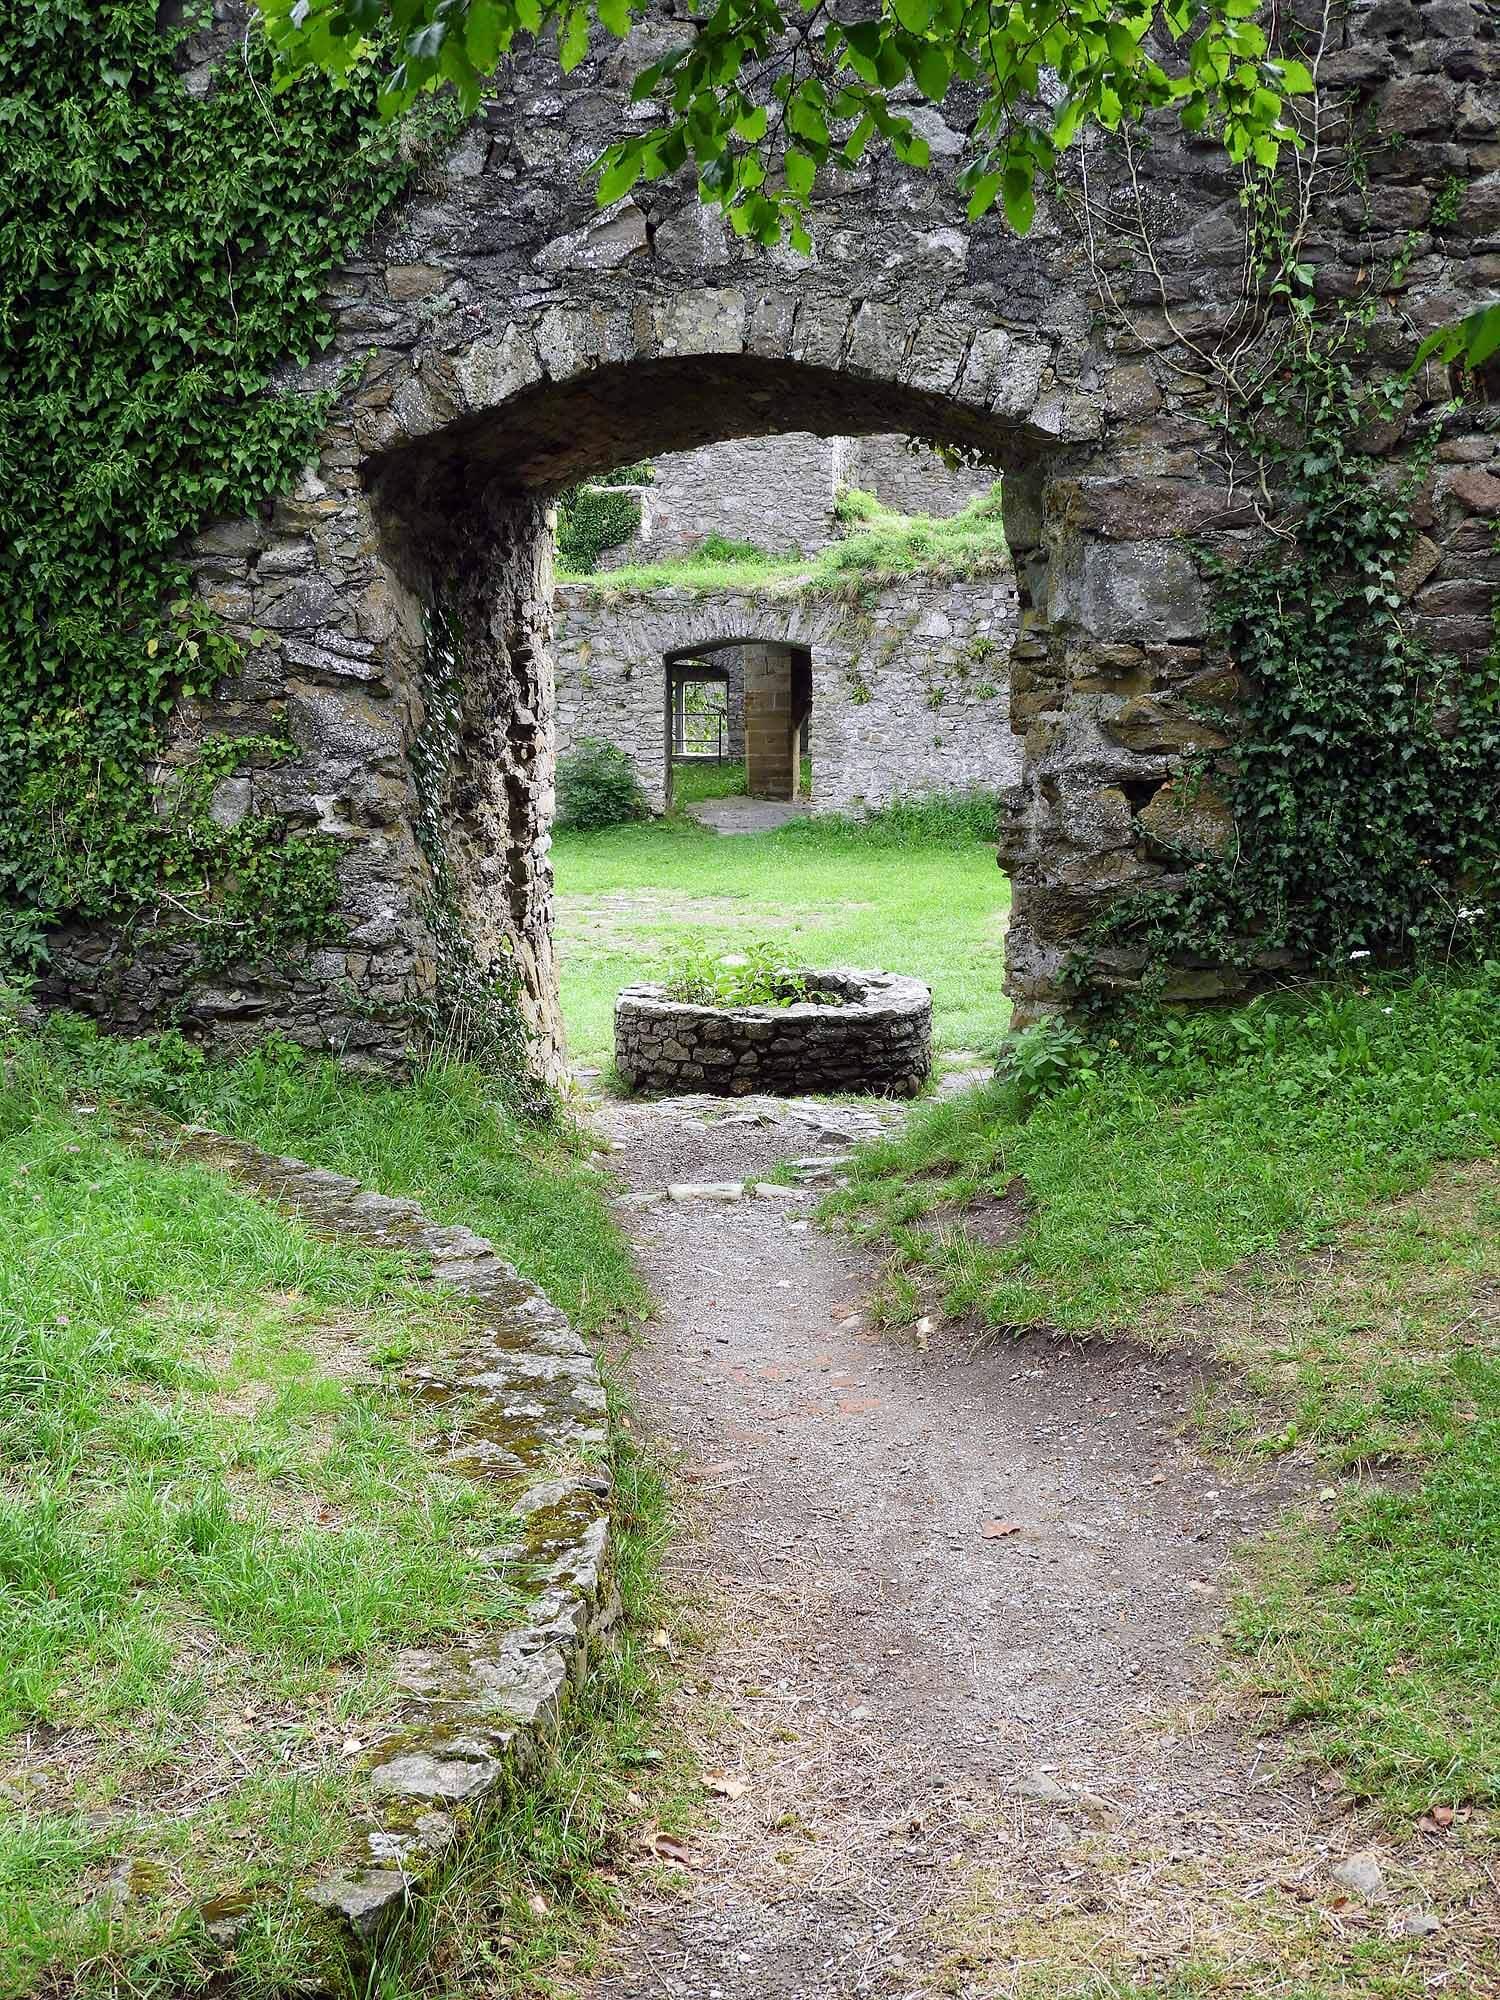 germany-hohentwiel-castle-ruins-stone-doorway.jpg